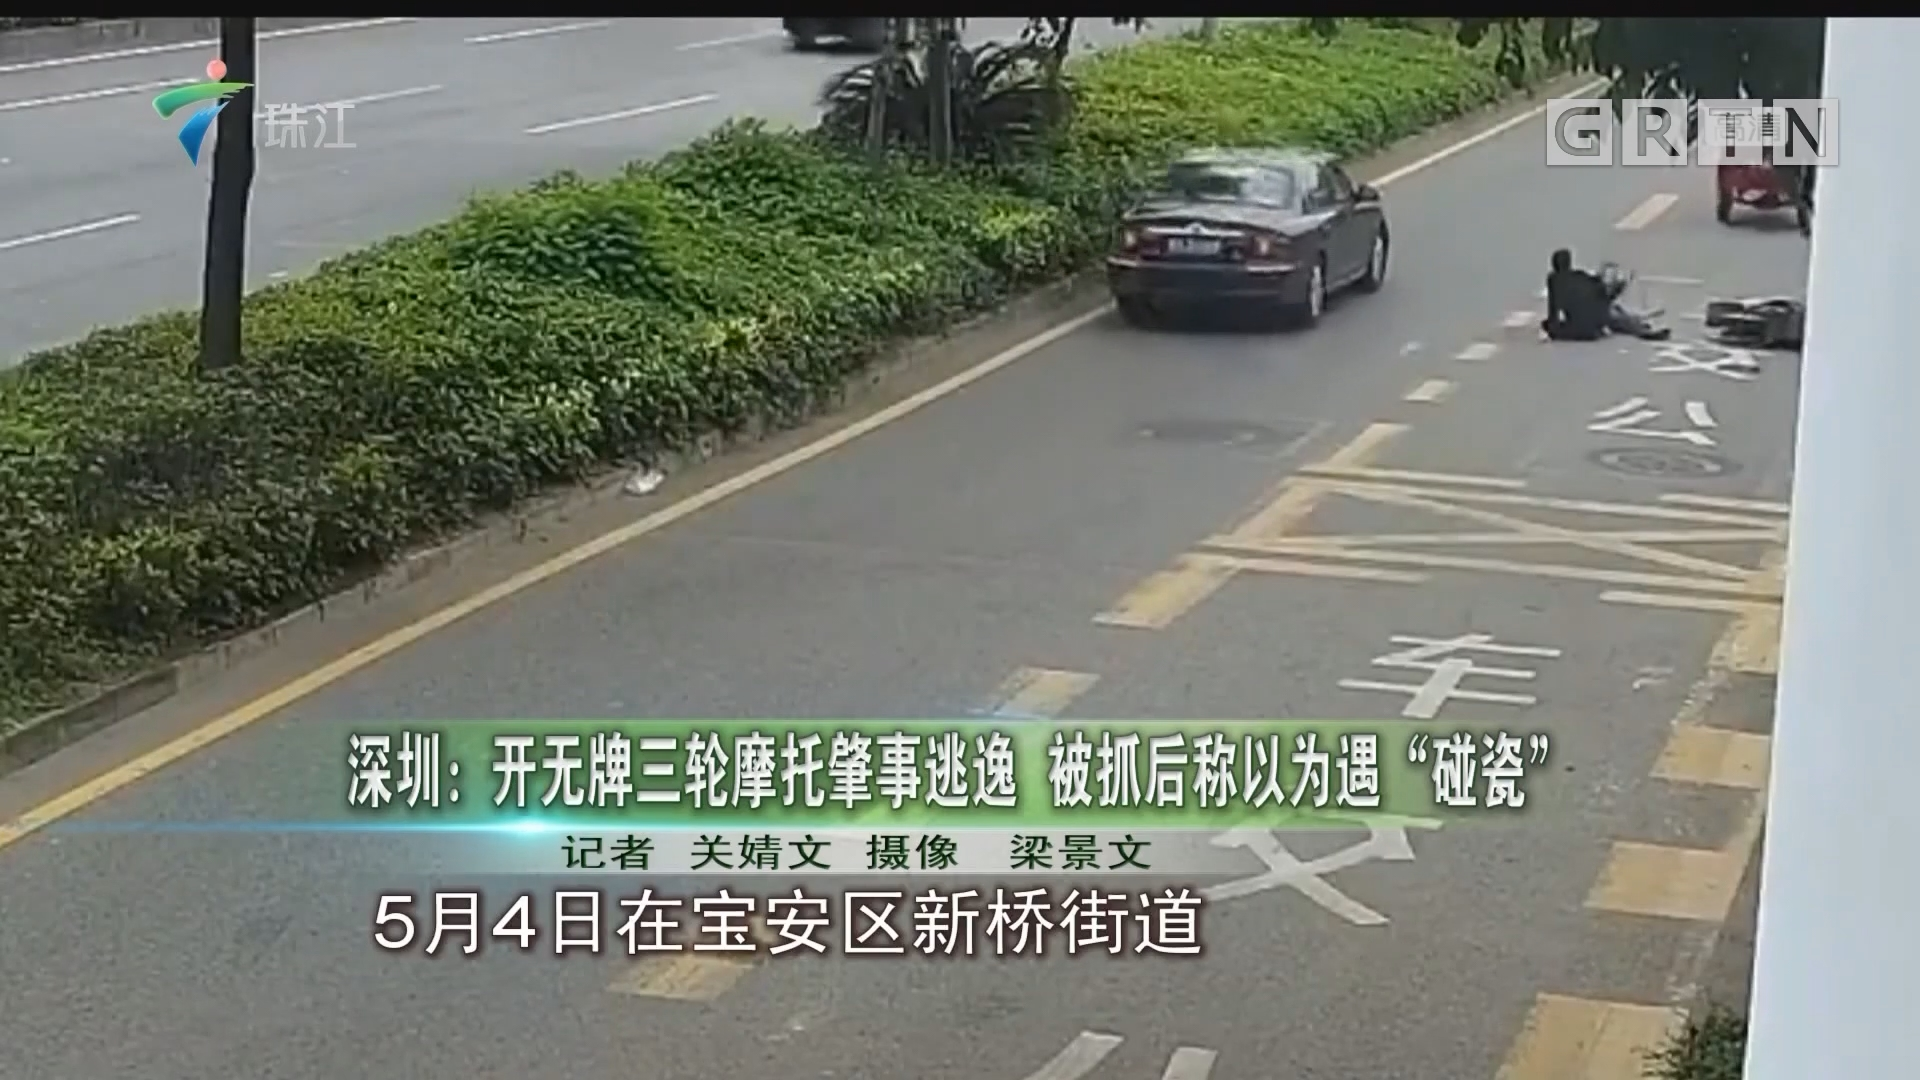 """深圳:开无牌三轮摩托肇事逃逸 被抓后称以为遇""""碰瓷"""""""